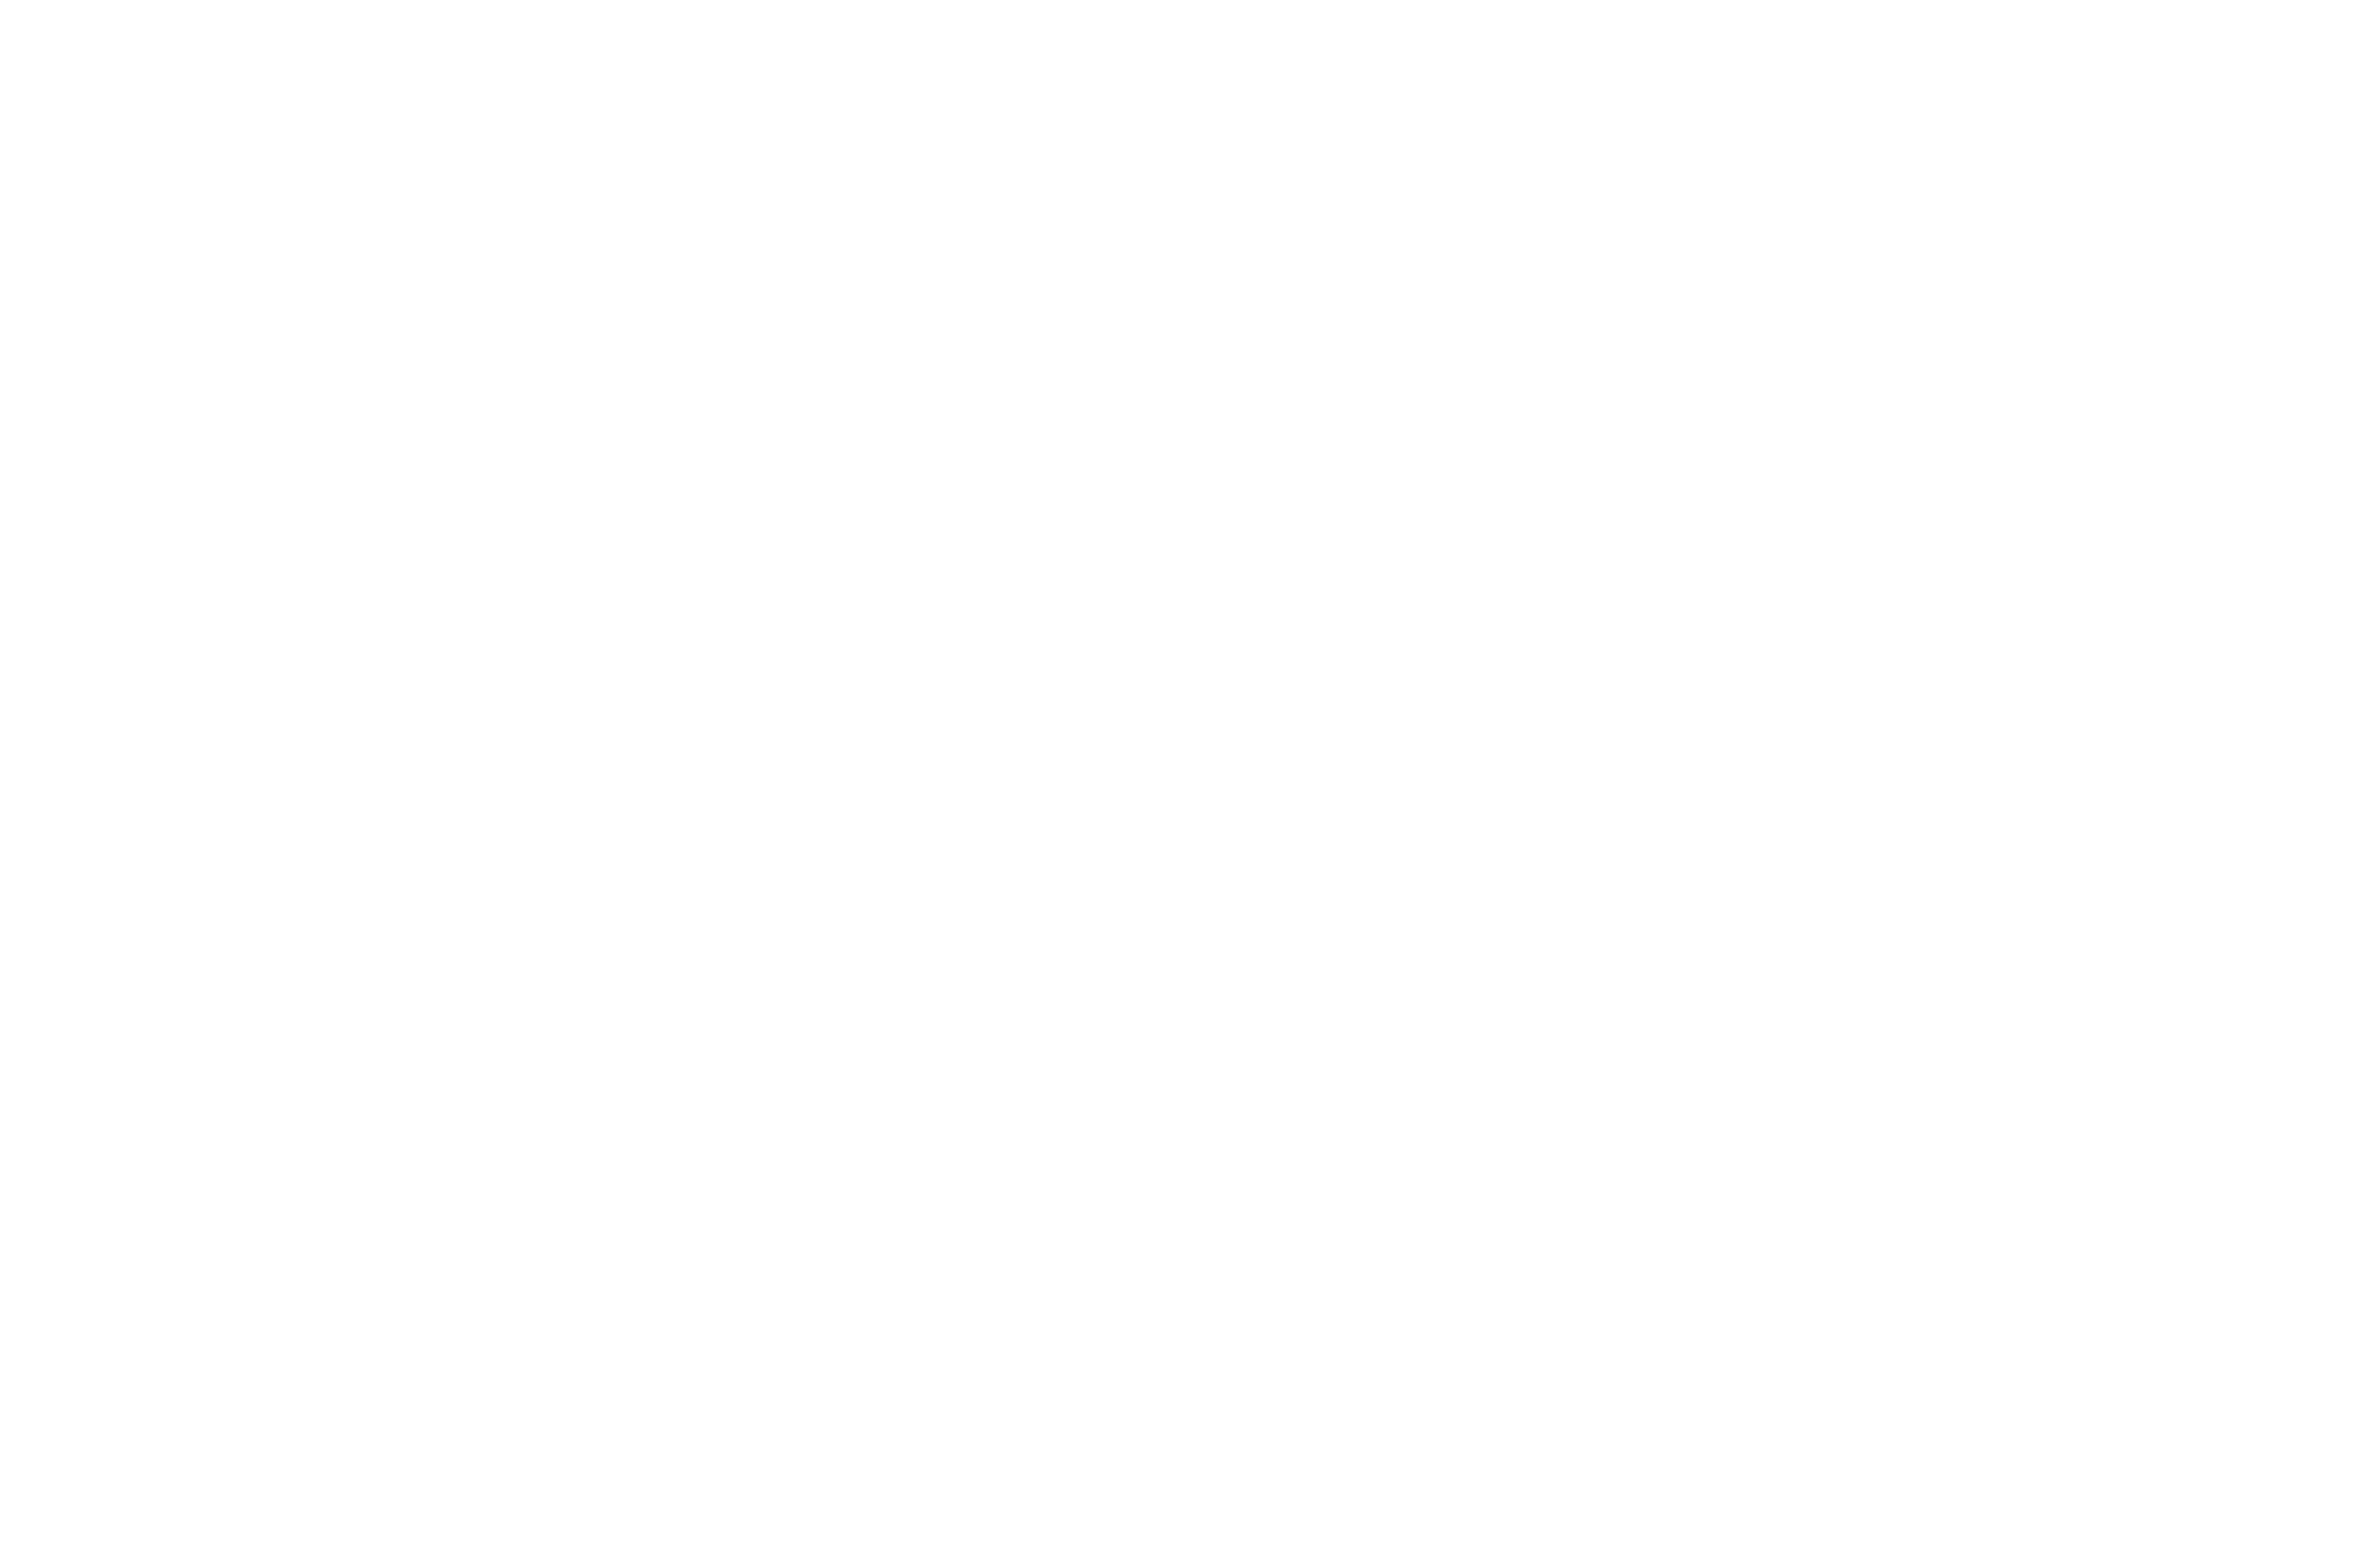 b7f02ba0824305c555679b2c5ea72d59.png